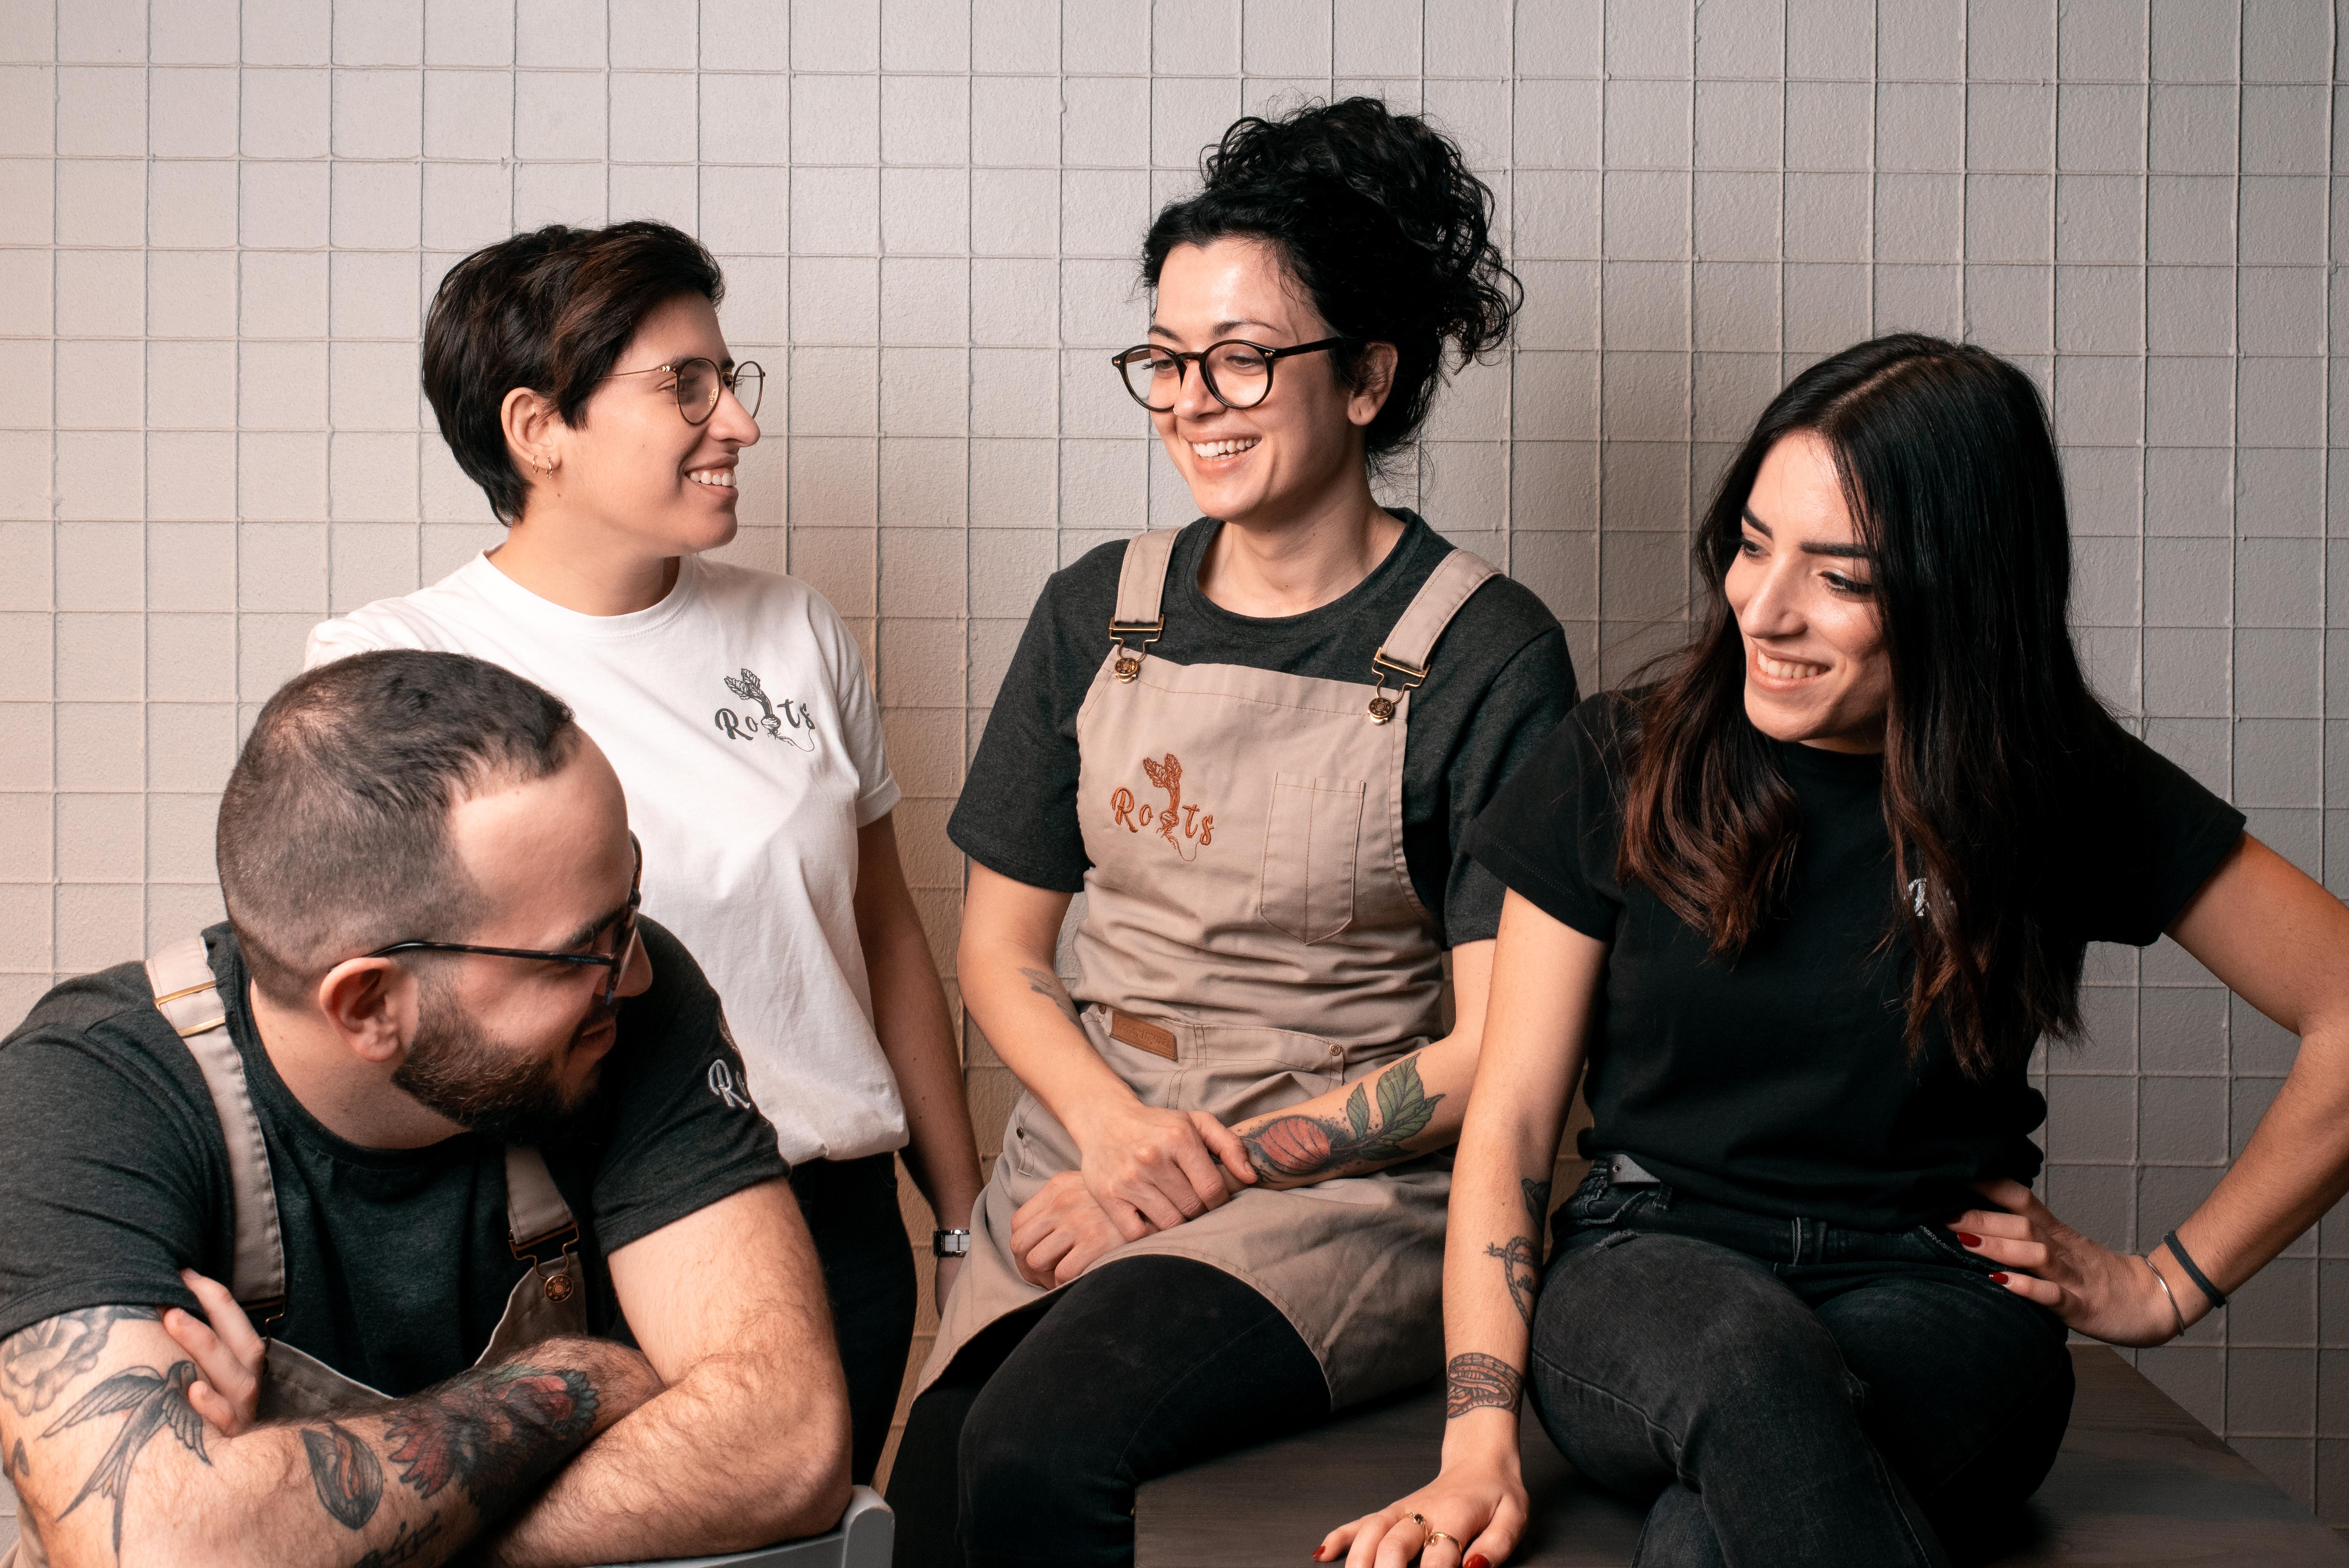 ROOTS - Il team al completo di Roots - ALESSANDRO, CECILIA, MARTINA E GIULIA (2)